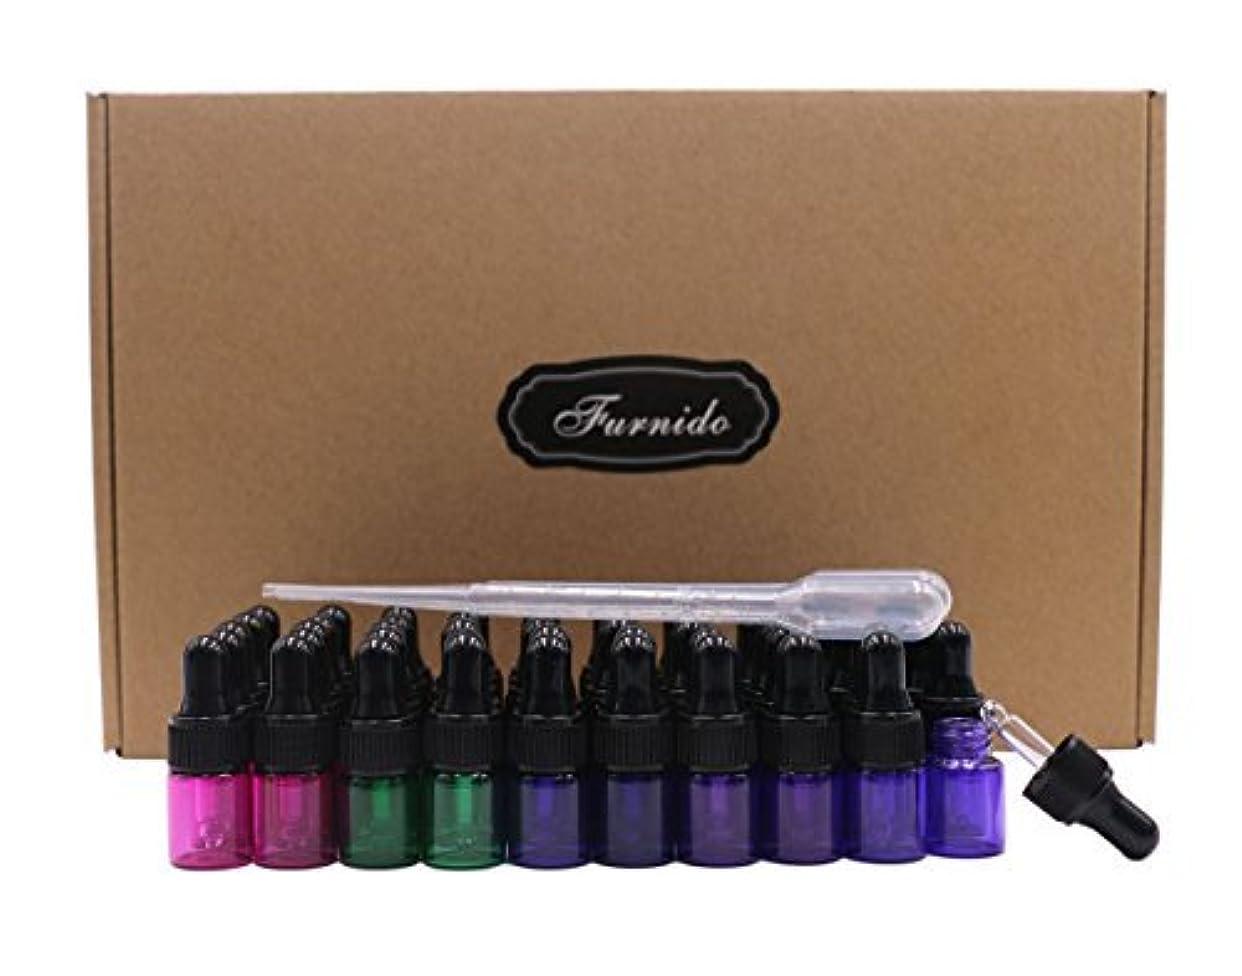 そばにかなりスクリーチFurnido 2ml 50pcs Mixed colors Eye Dropper bottles 5/8 drams Mini Glass vial Essential oil bottles refillable...